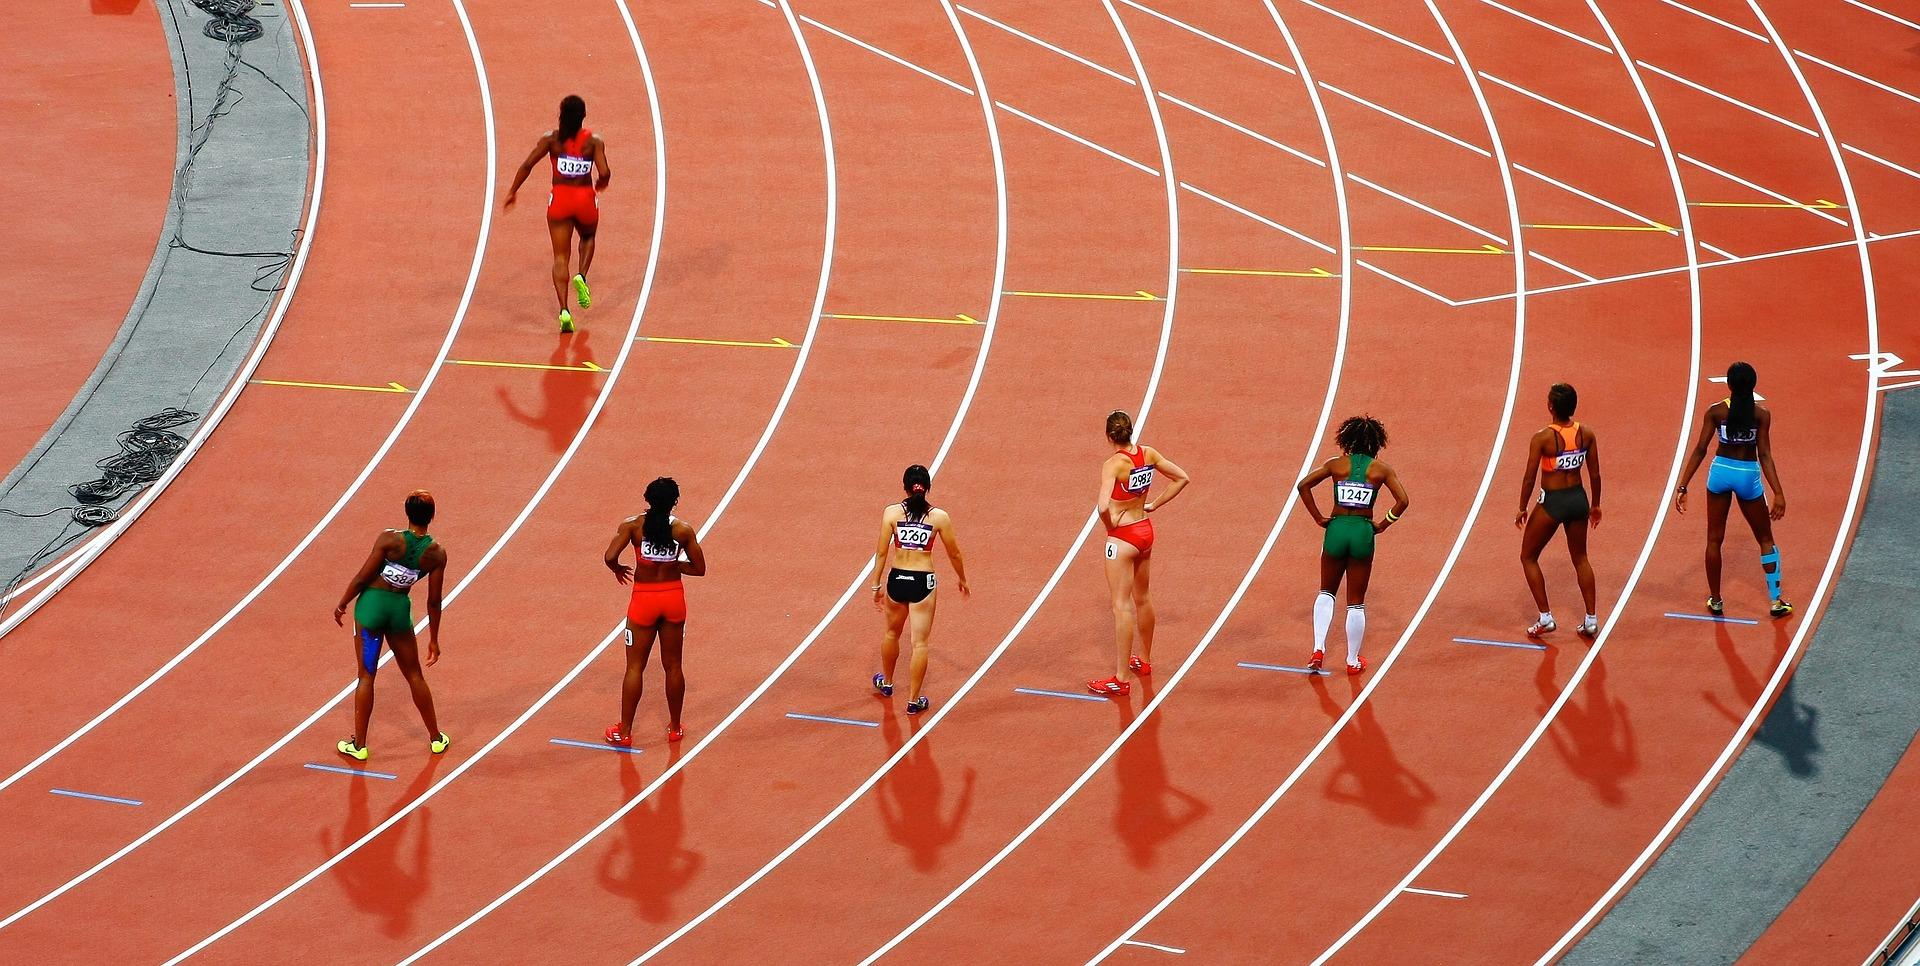 Konkurrensanalys försprång